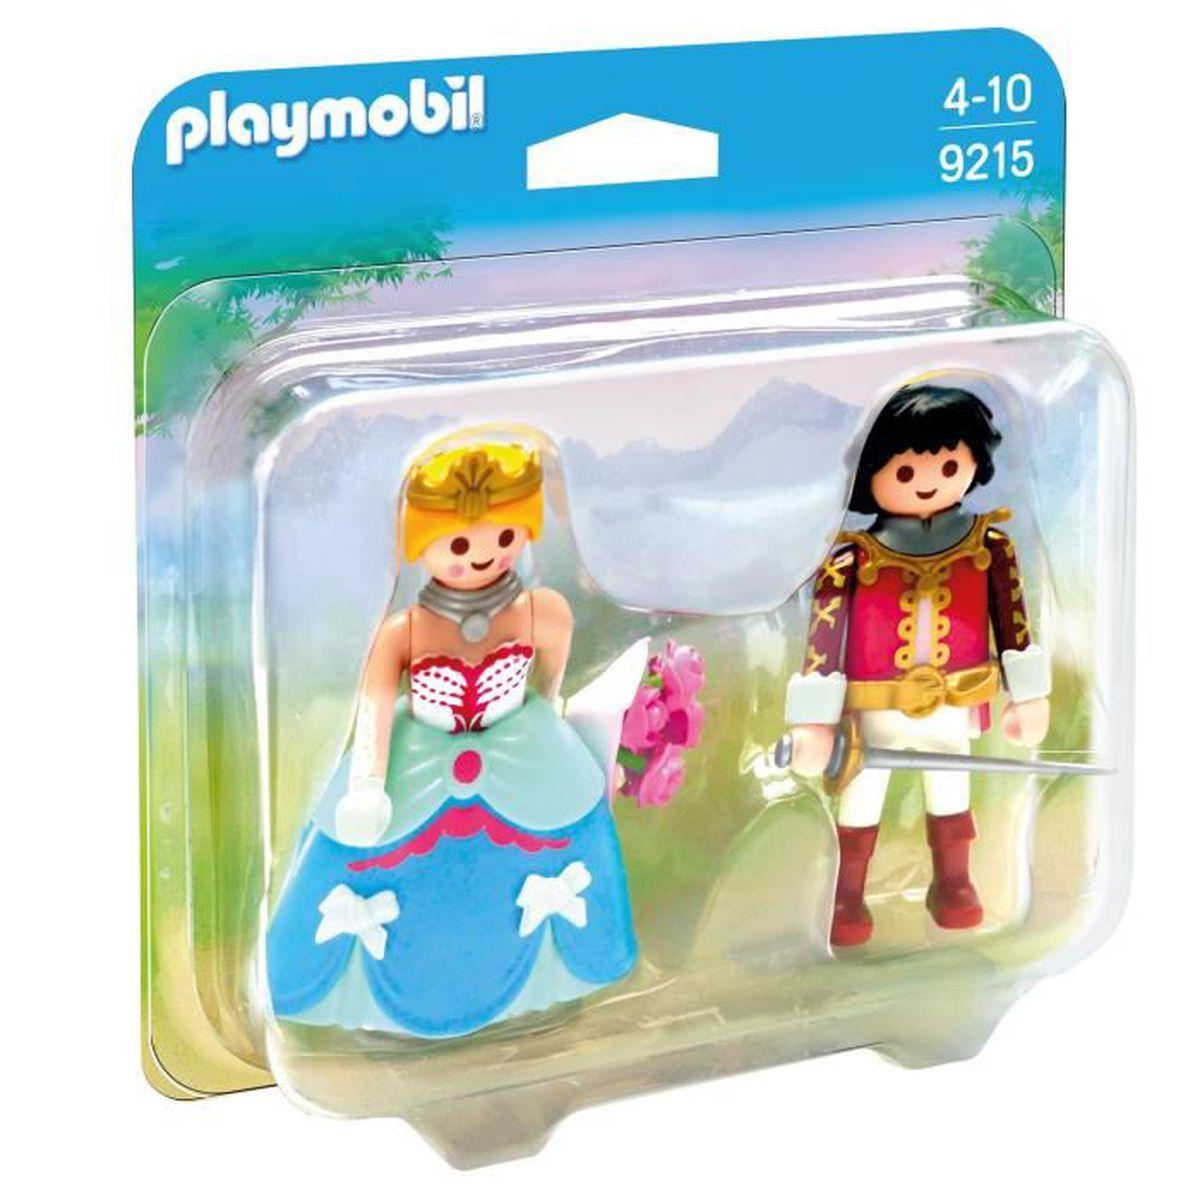 Playmobil princesse et prince achat vente jeux et for Carrosse princesse playmobil